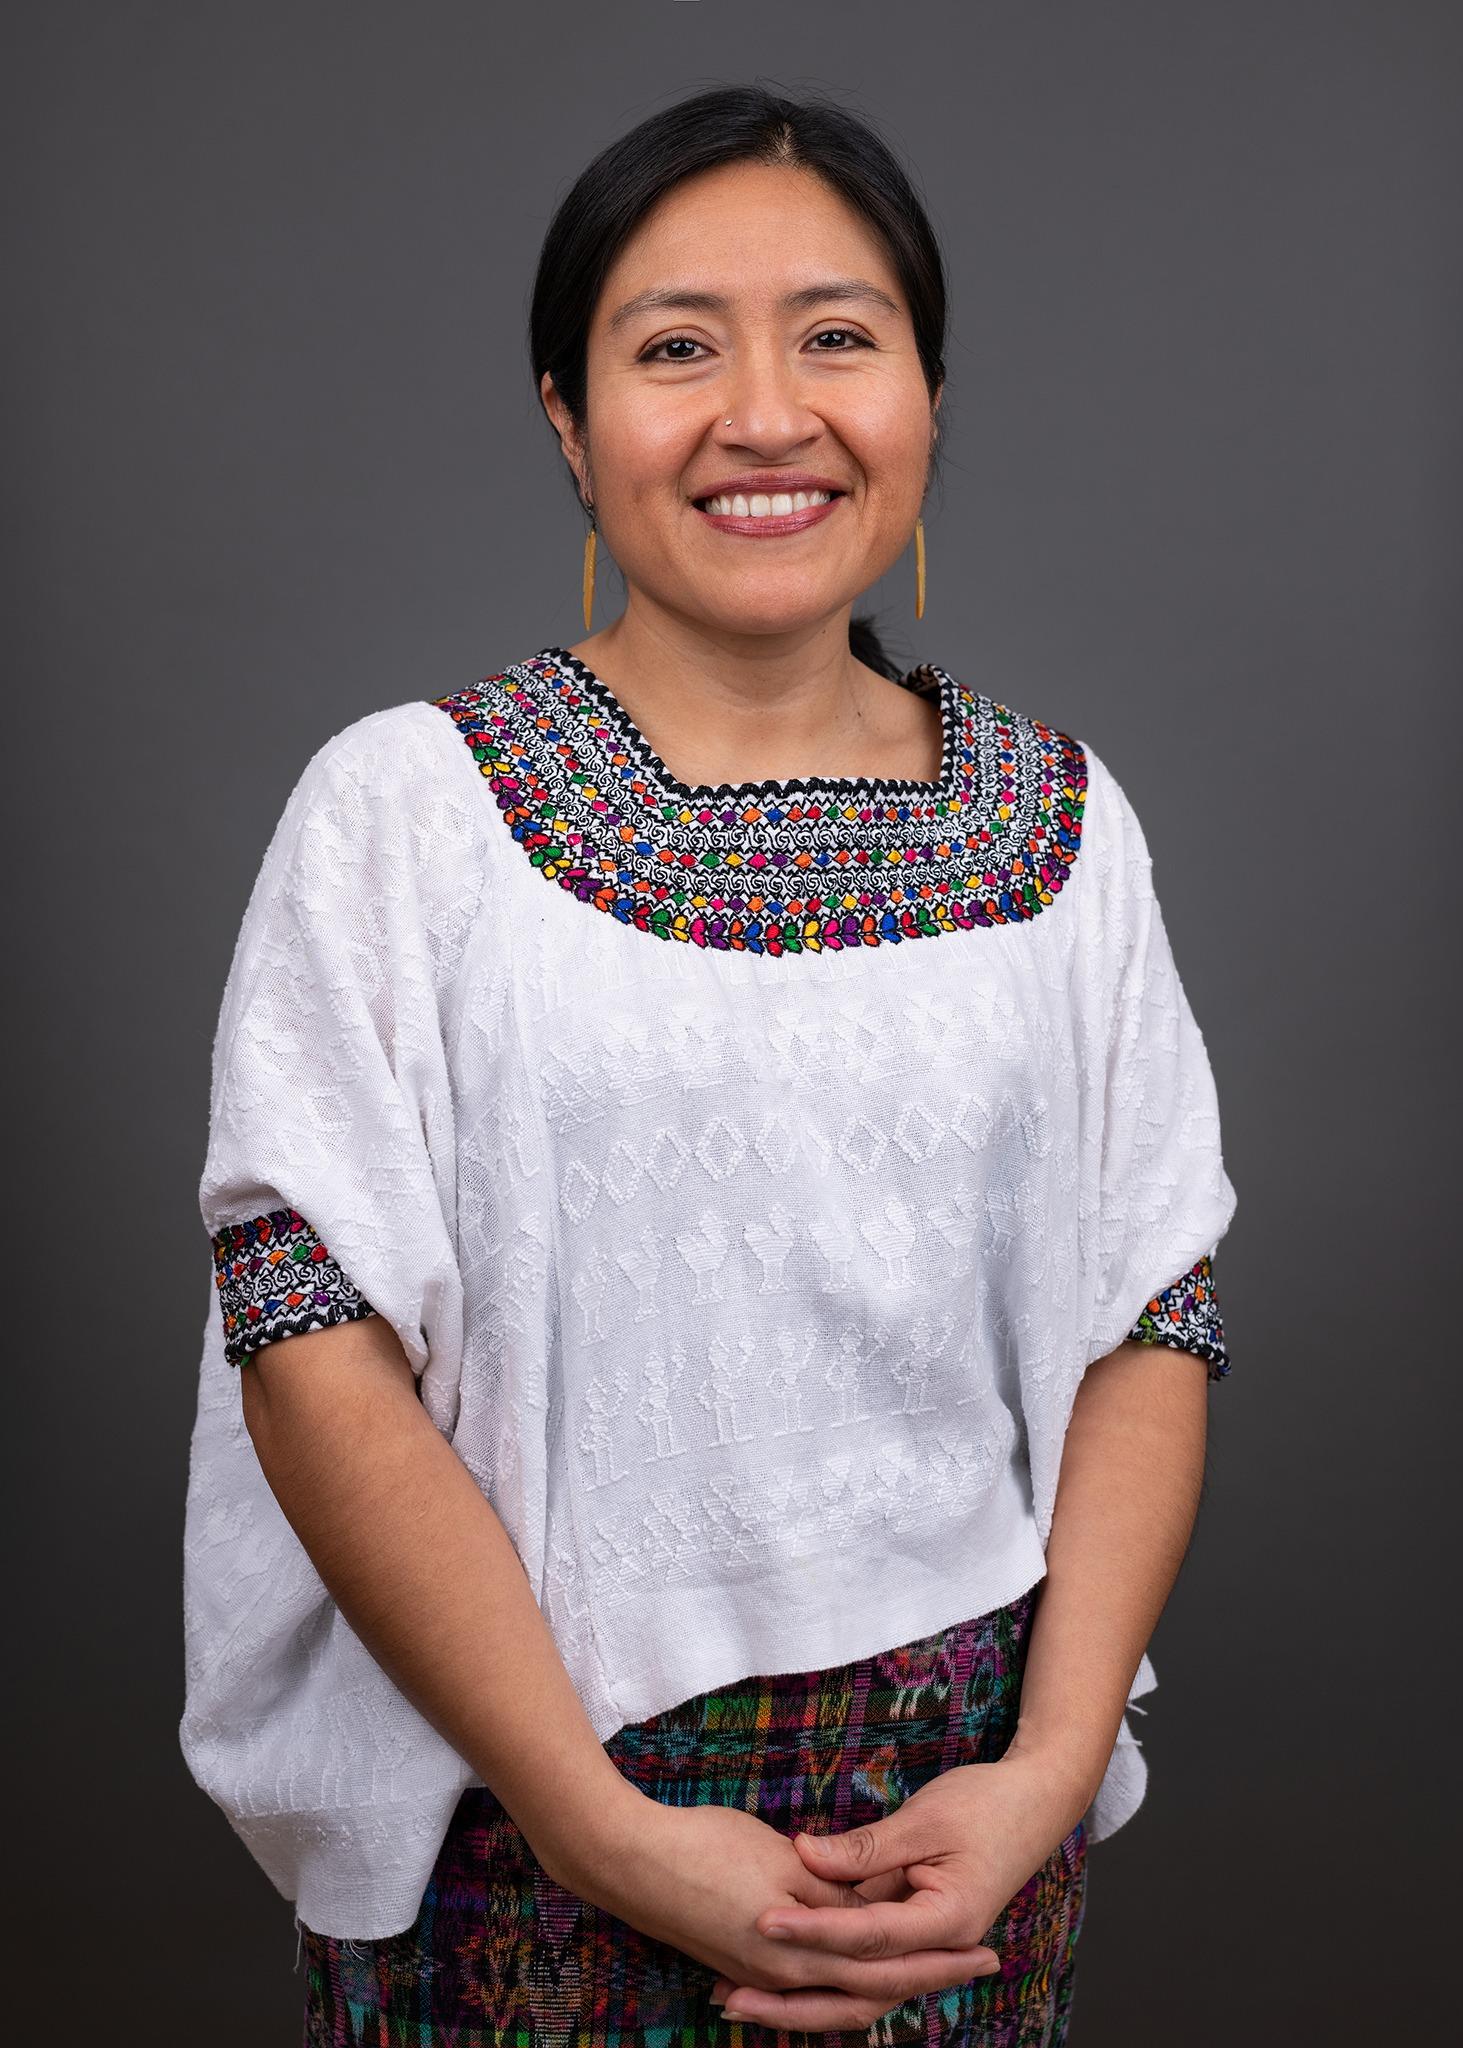 Juanita Cabrera